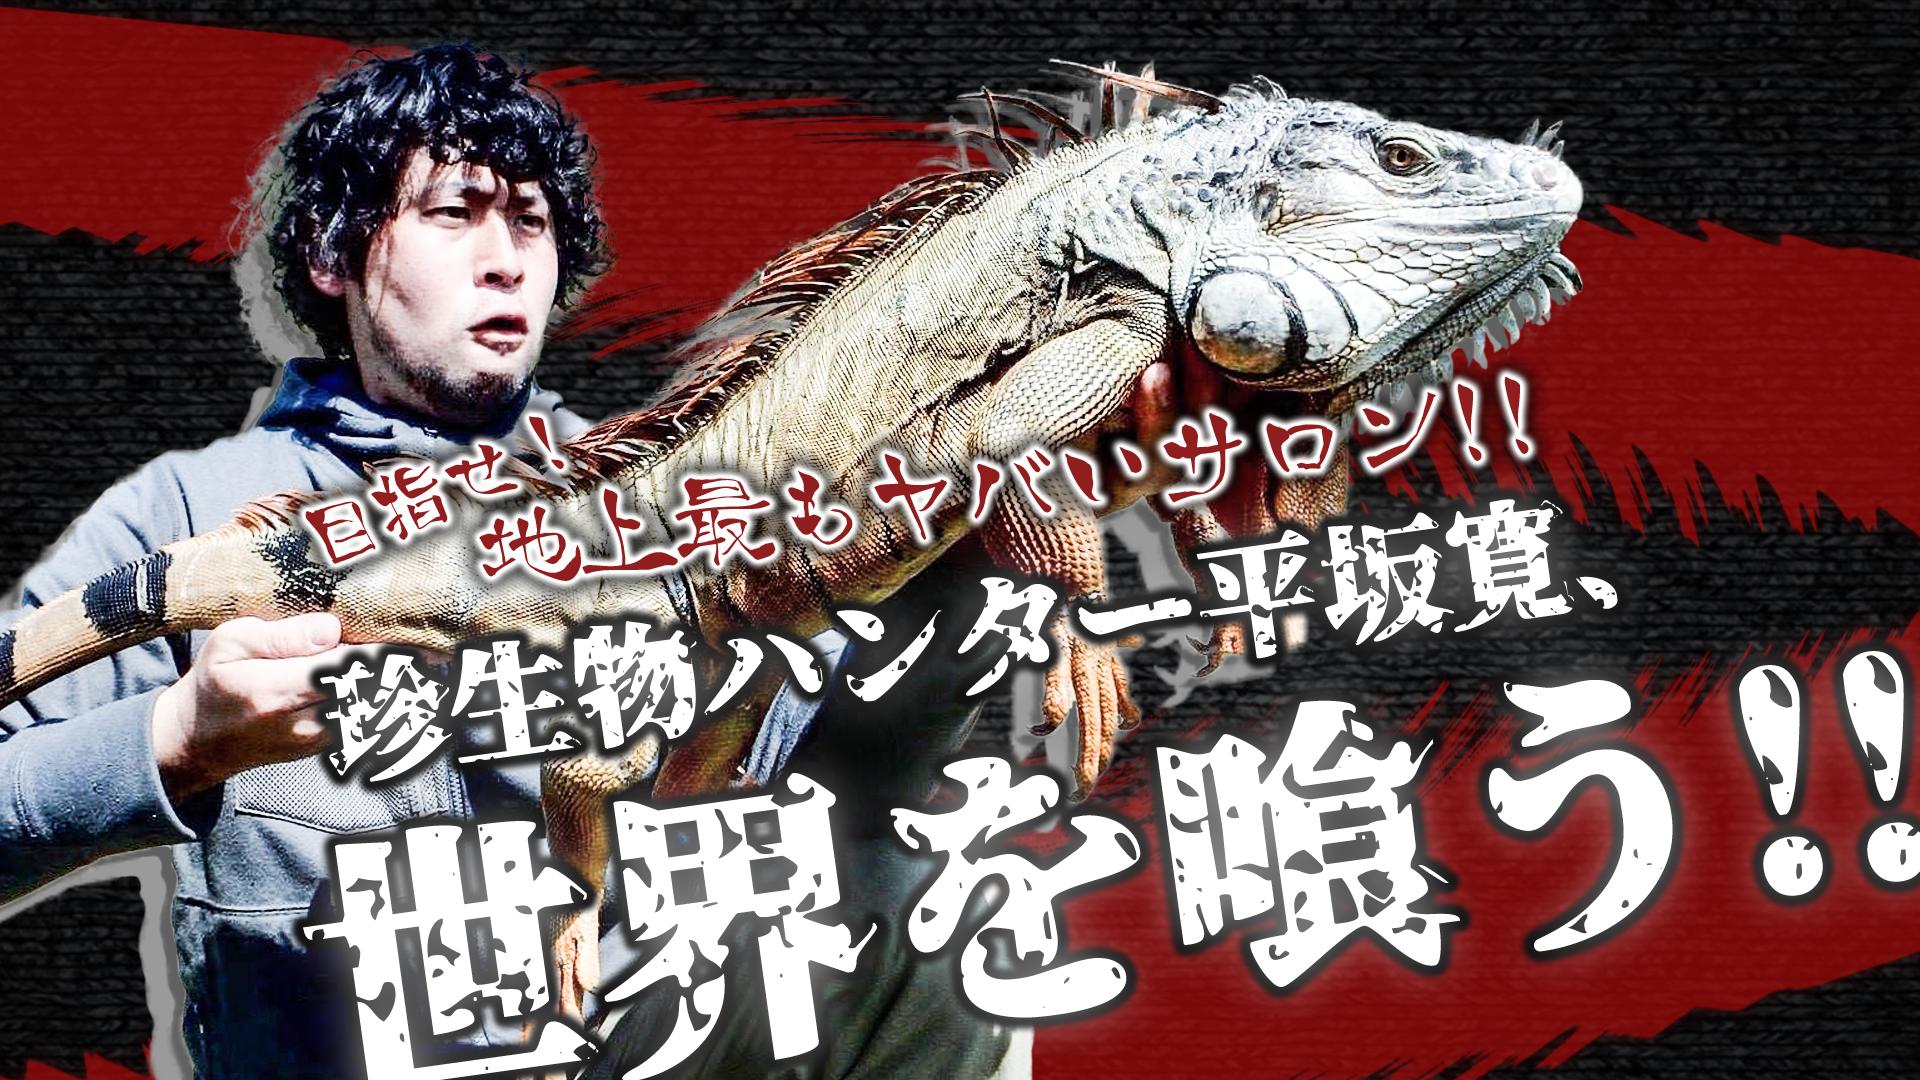 平坂寛 - 地上最もヤバいサロンを目指せ! 珍生物ハンター平坂寛、世界を喰う!! - DMM オンラインサロン